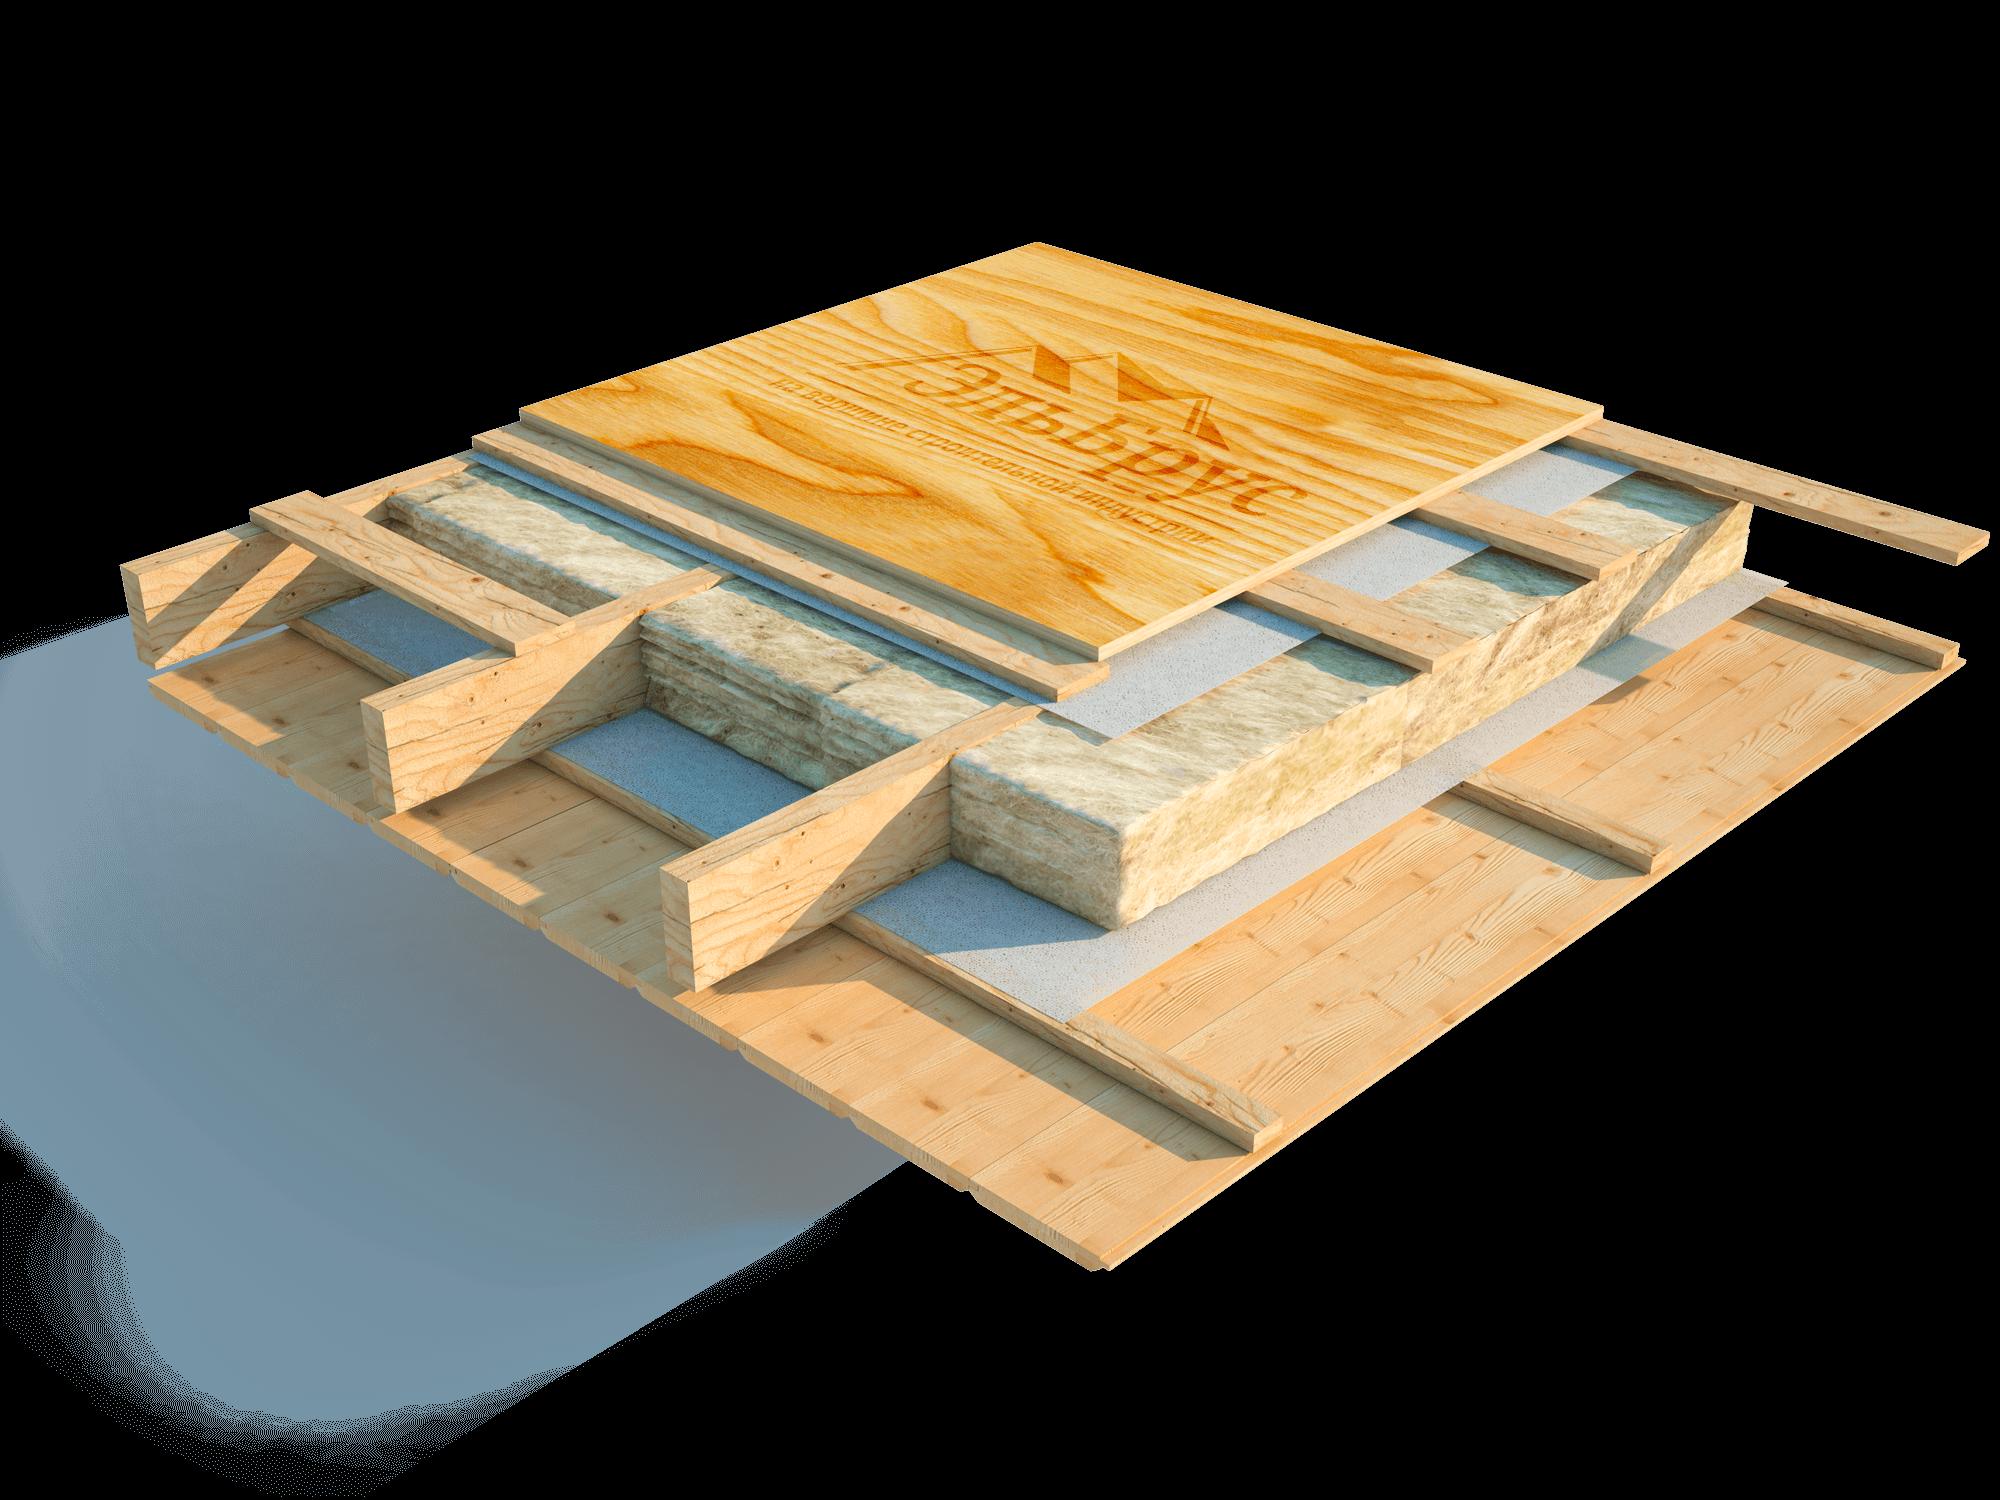 Конструкция межэтажного перекрытия каркасного дома